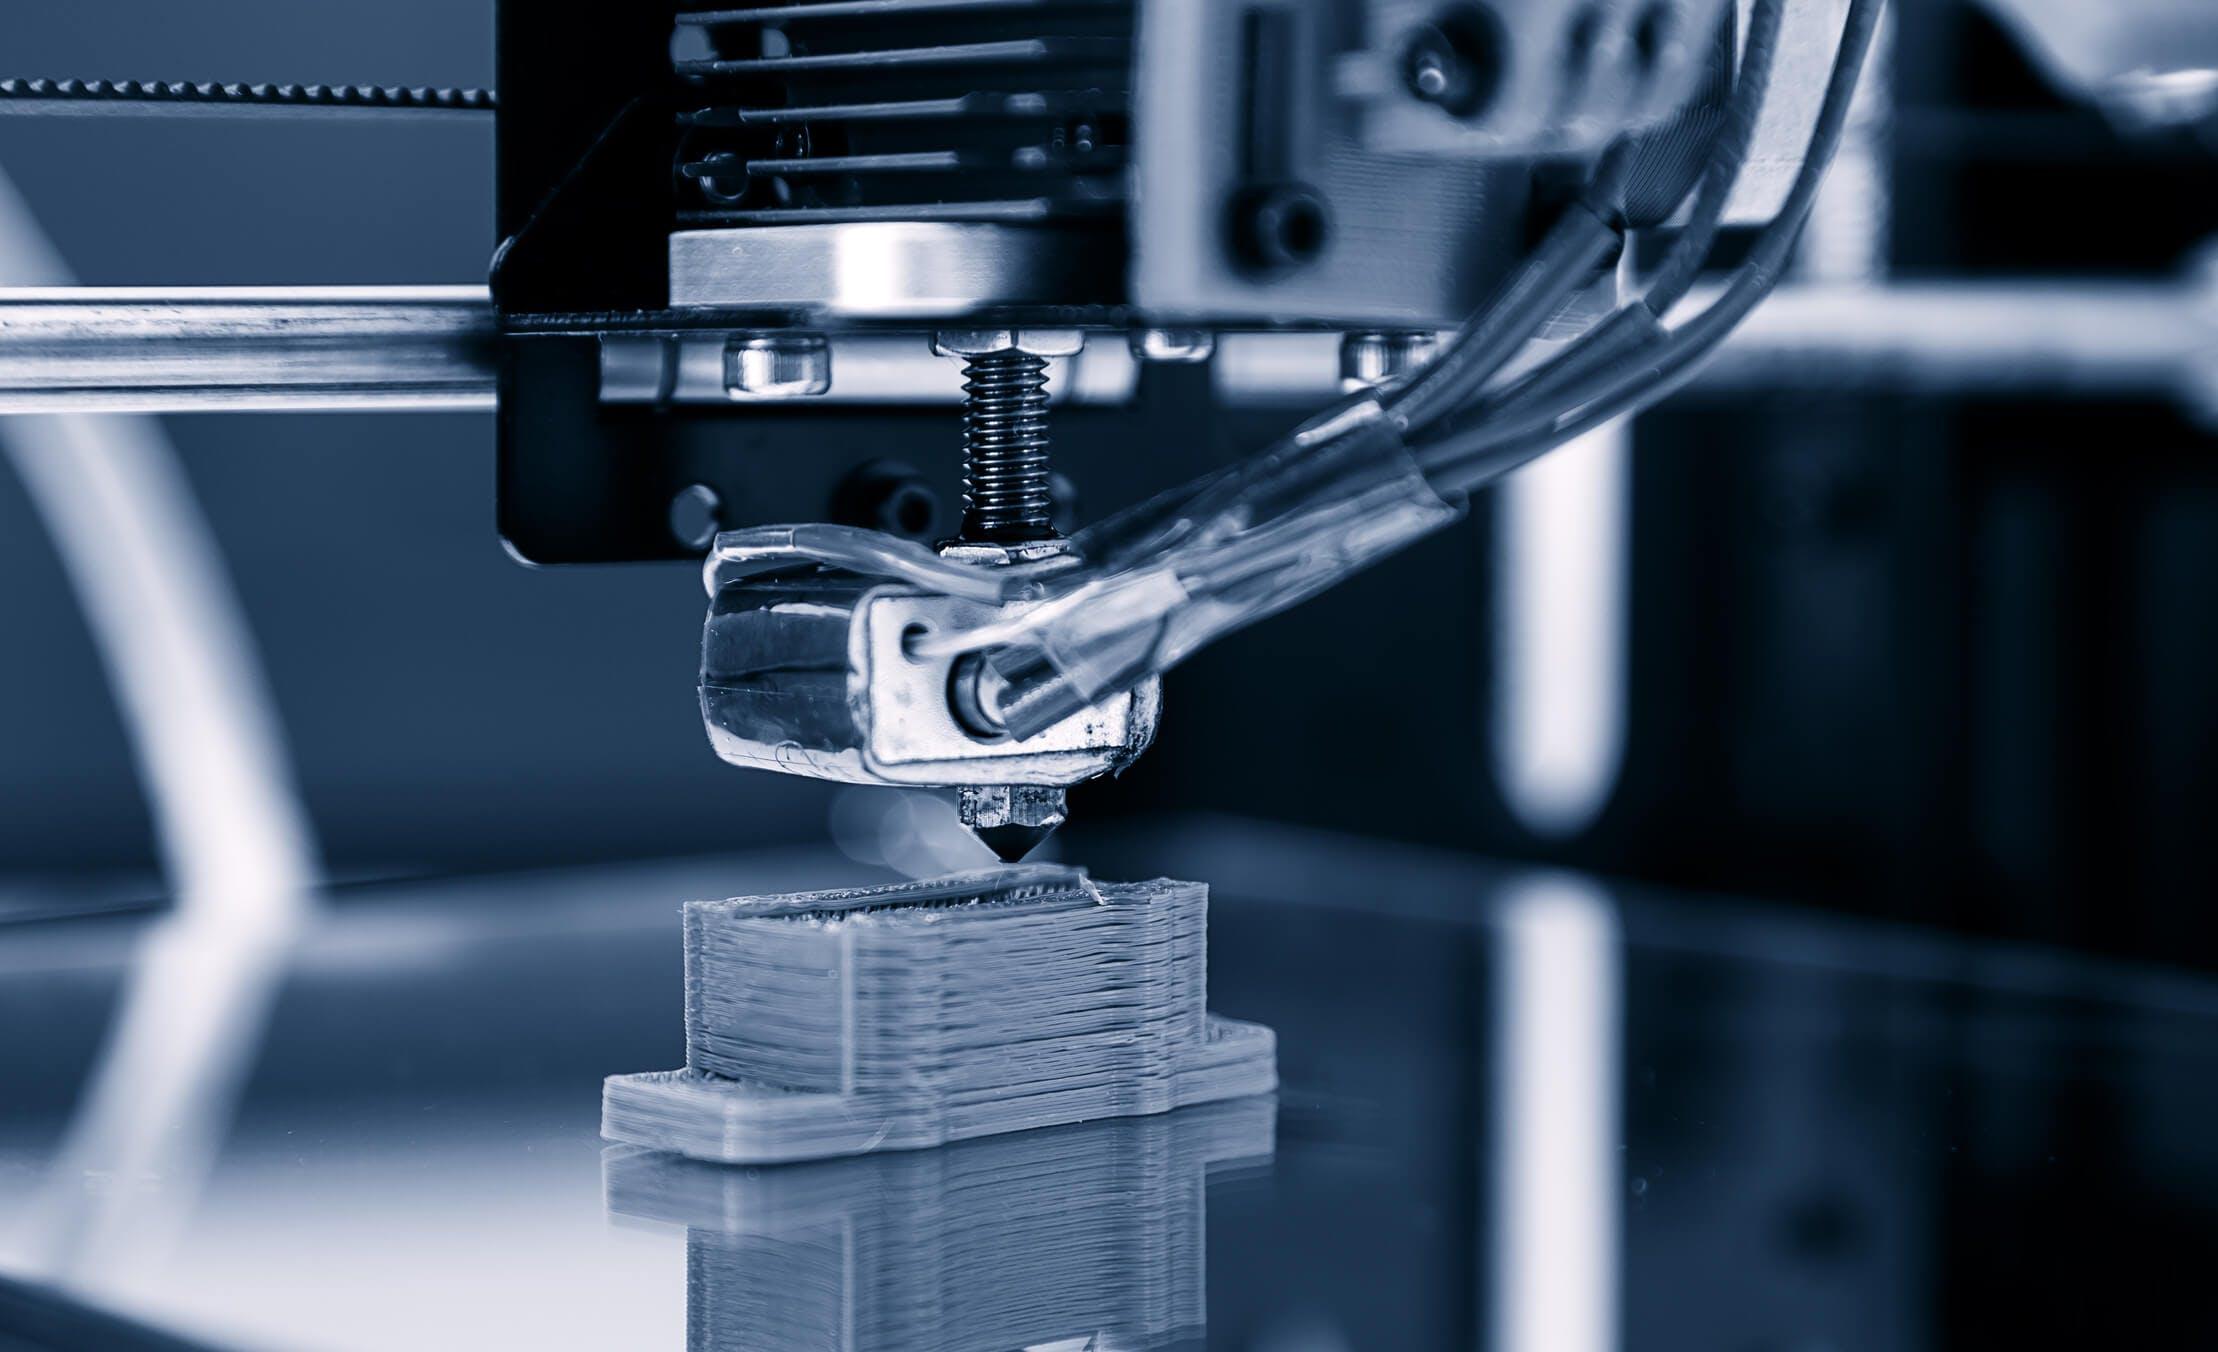 Titelbild-3D-Printer-iStock-694566104